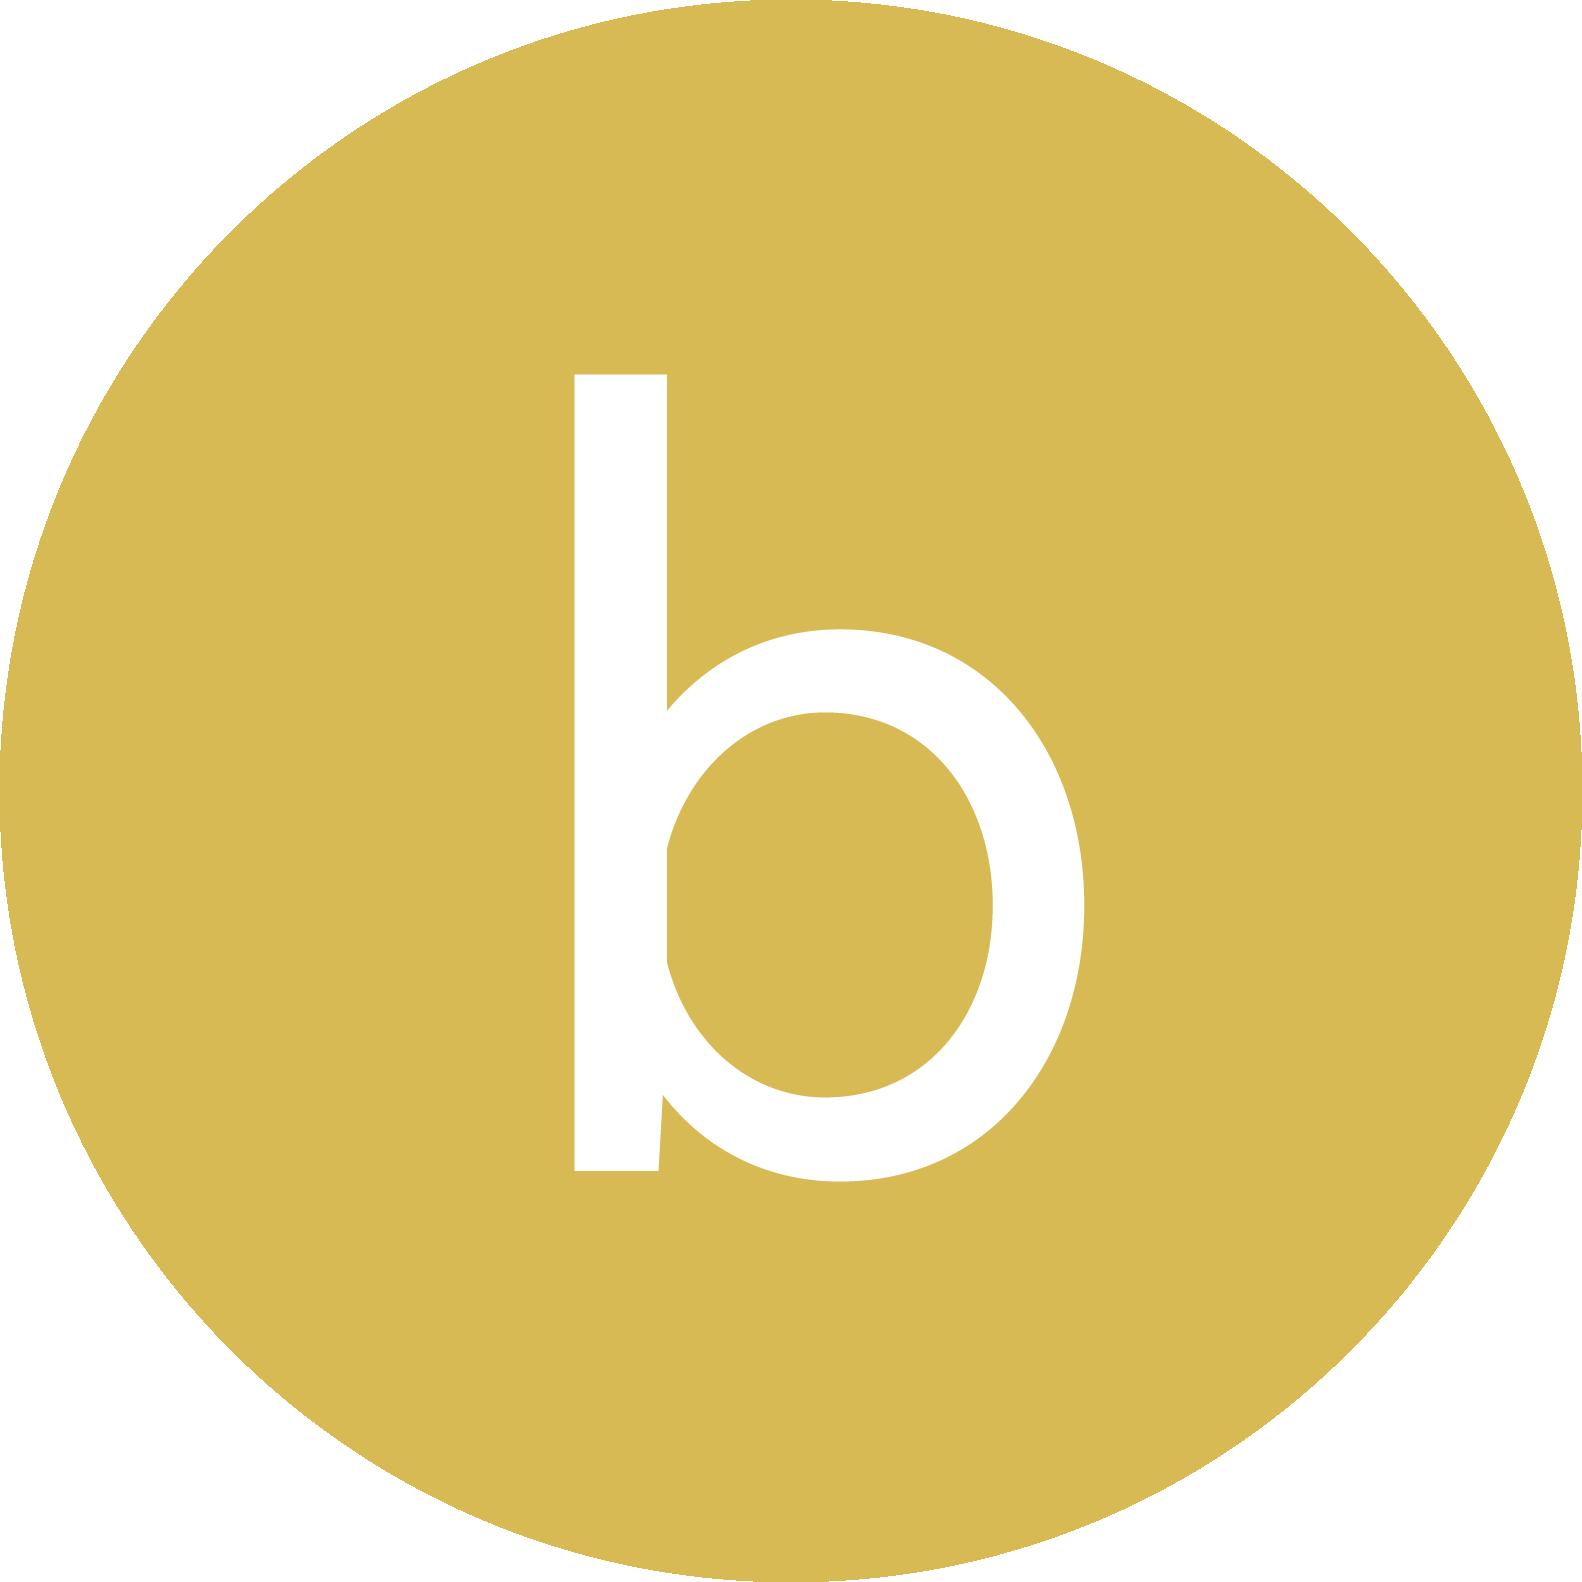 (b) beringer Consulting